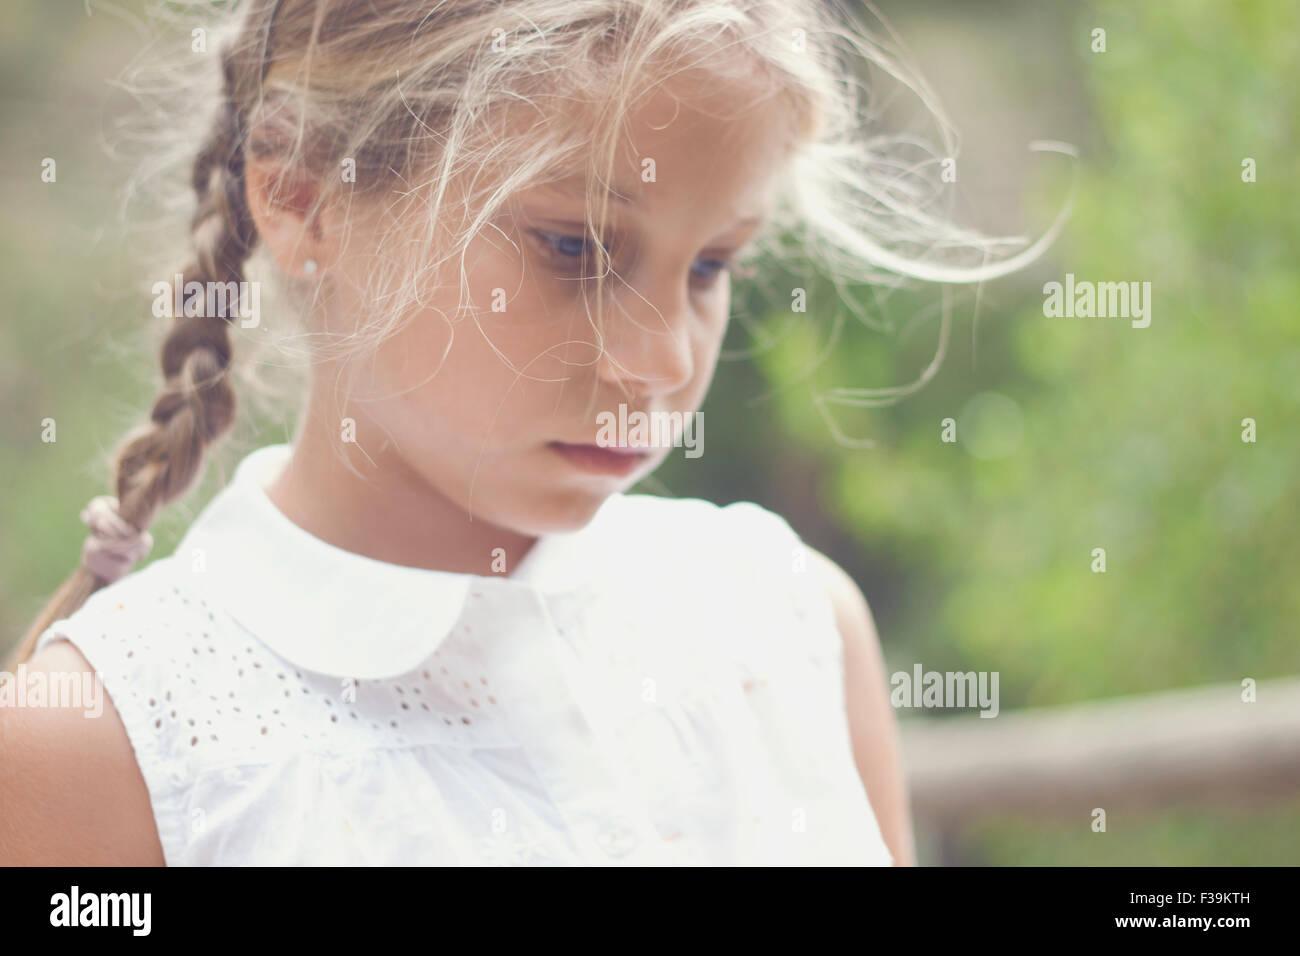 Porträt eines Mädchens suchen nachdenklich Stockfoto